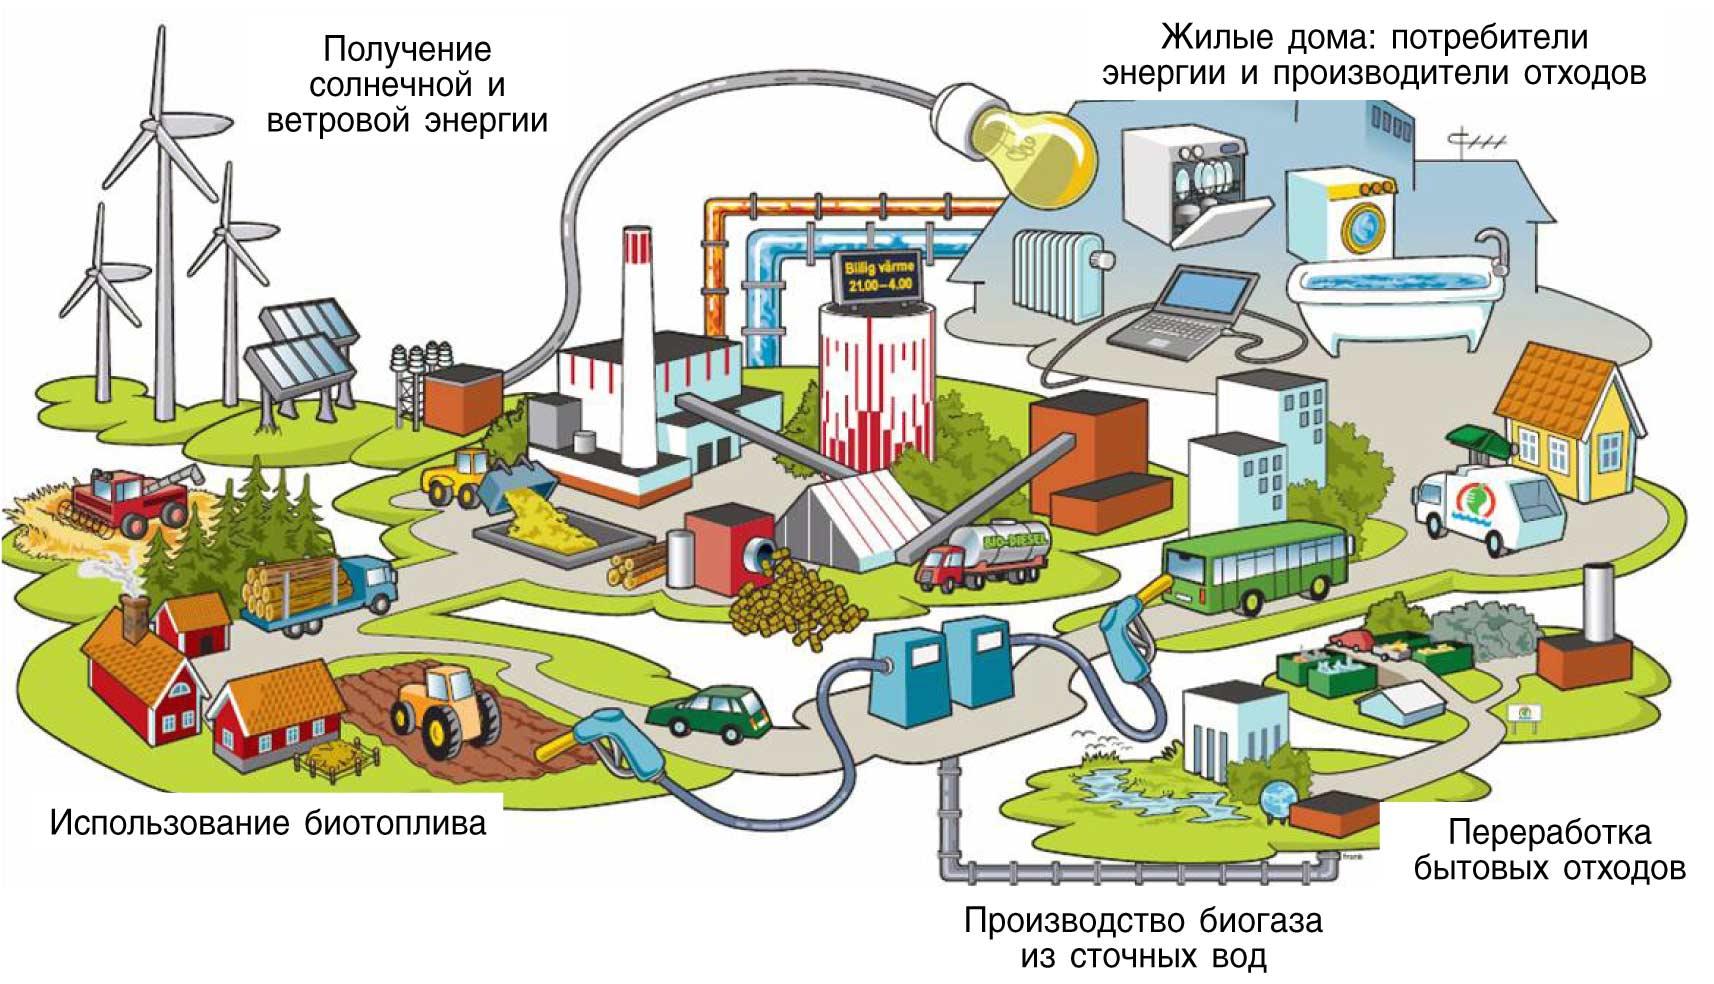 Схема экологически чистого поселения своего поселения